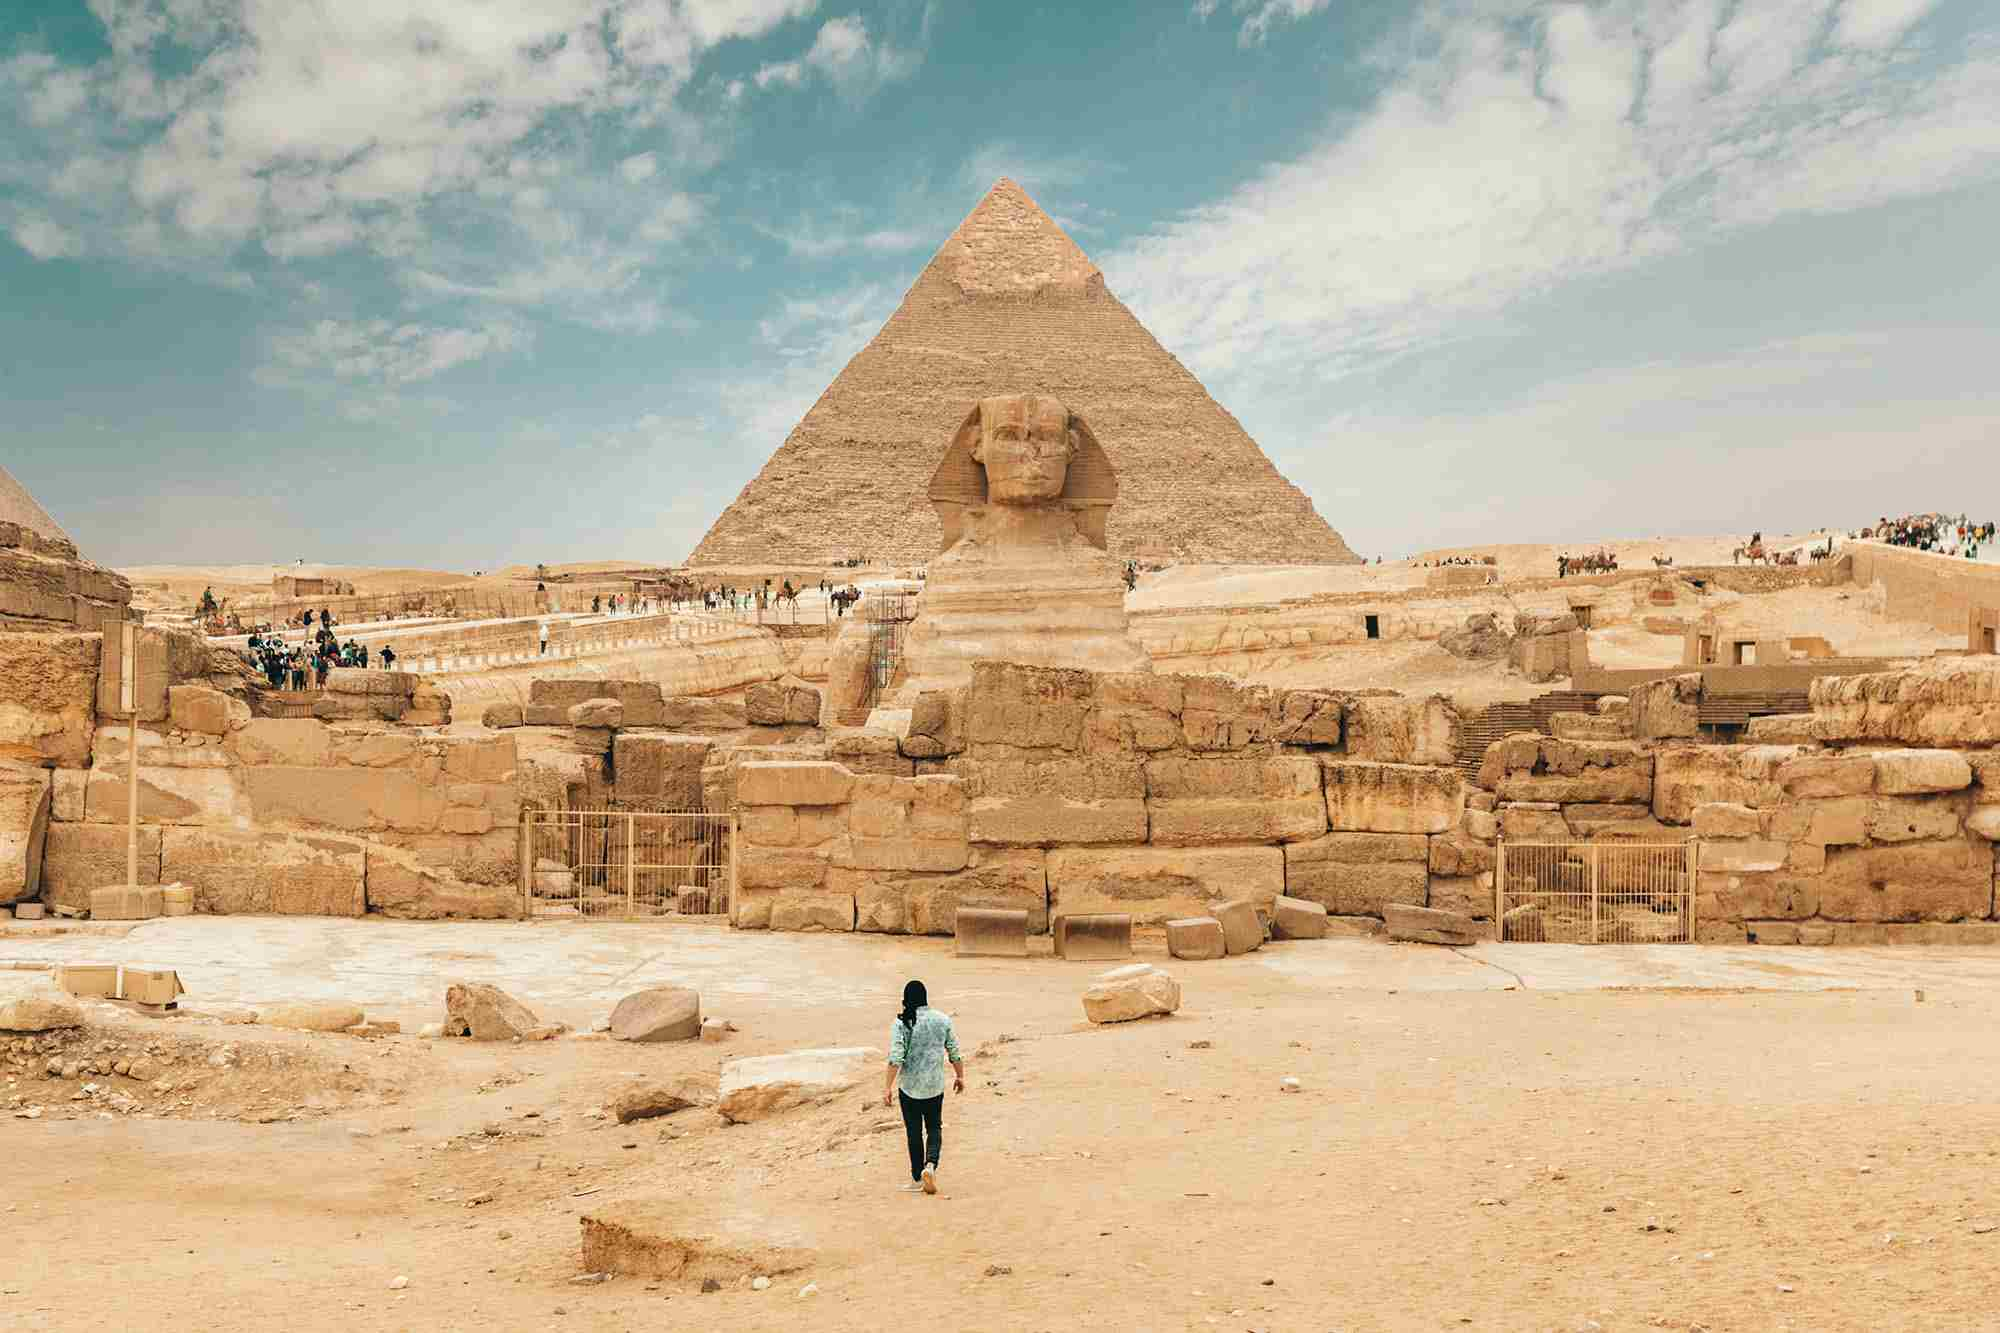 Erkunden Sie die geheimnisvolle Geschichte der ägyptischen Pharaonen während einer exklusiven Privatreise.